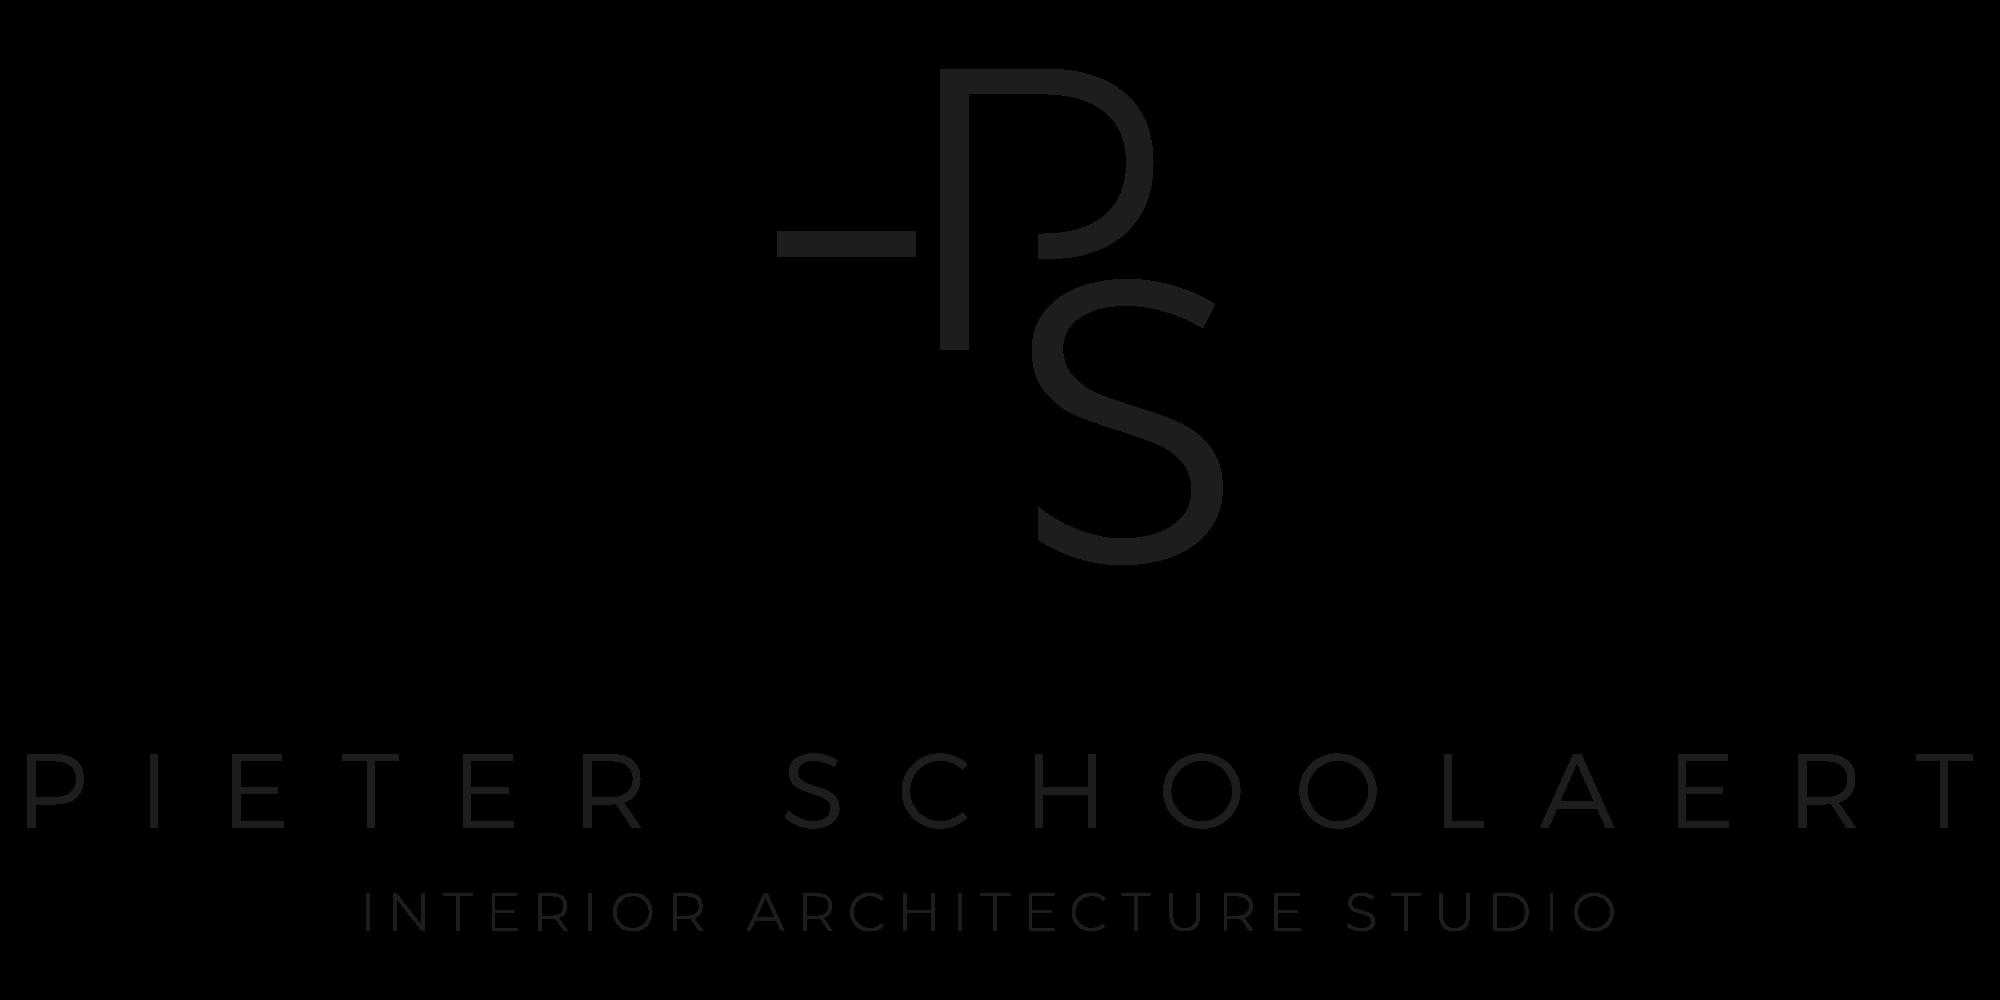 Pieter Schoolaert